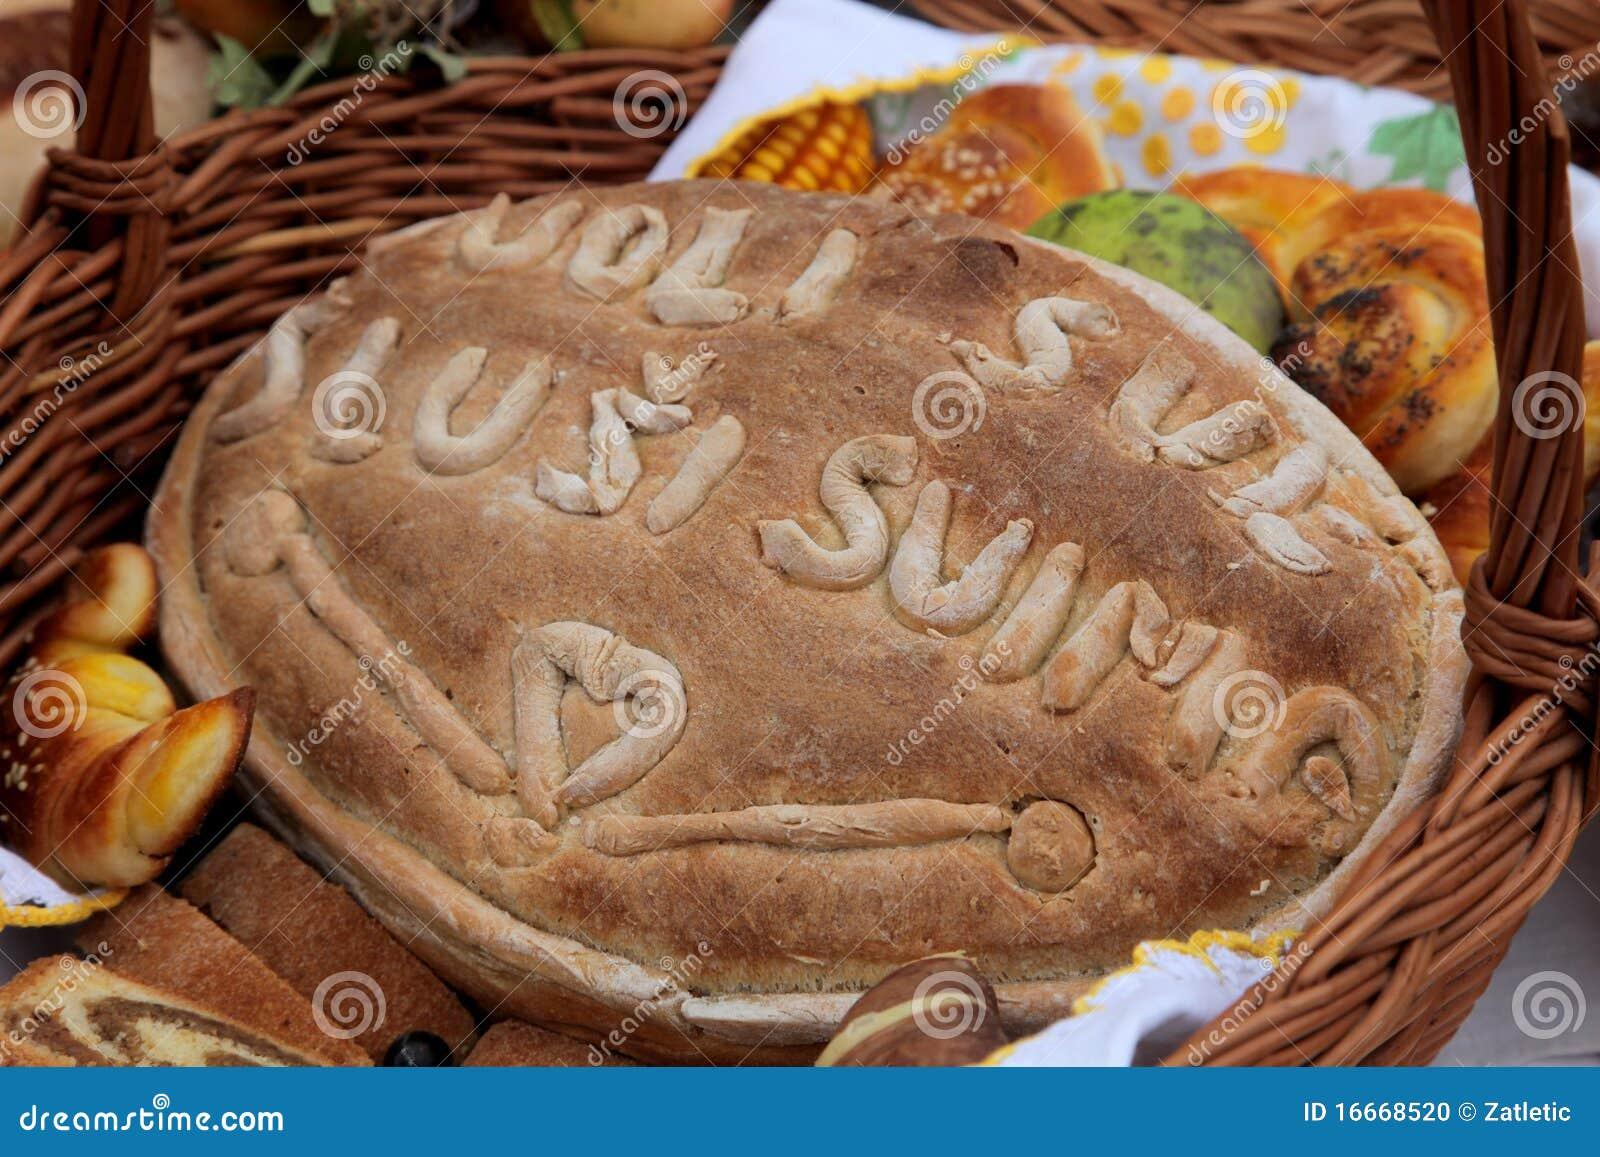 Delicious homemade christmas bread stock photo image 16668520 - Make delicious sweet bread christmas ...